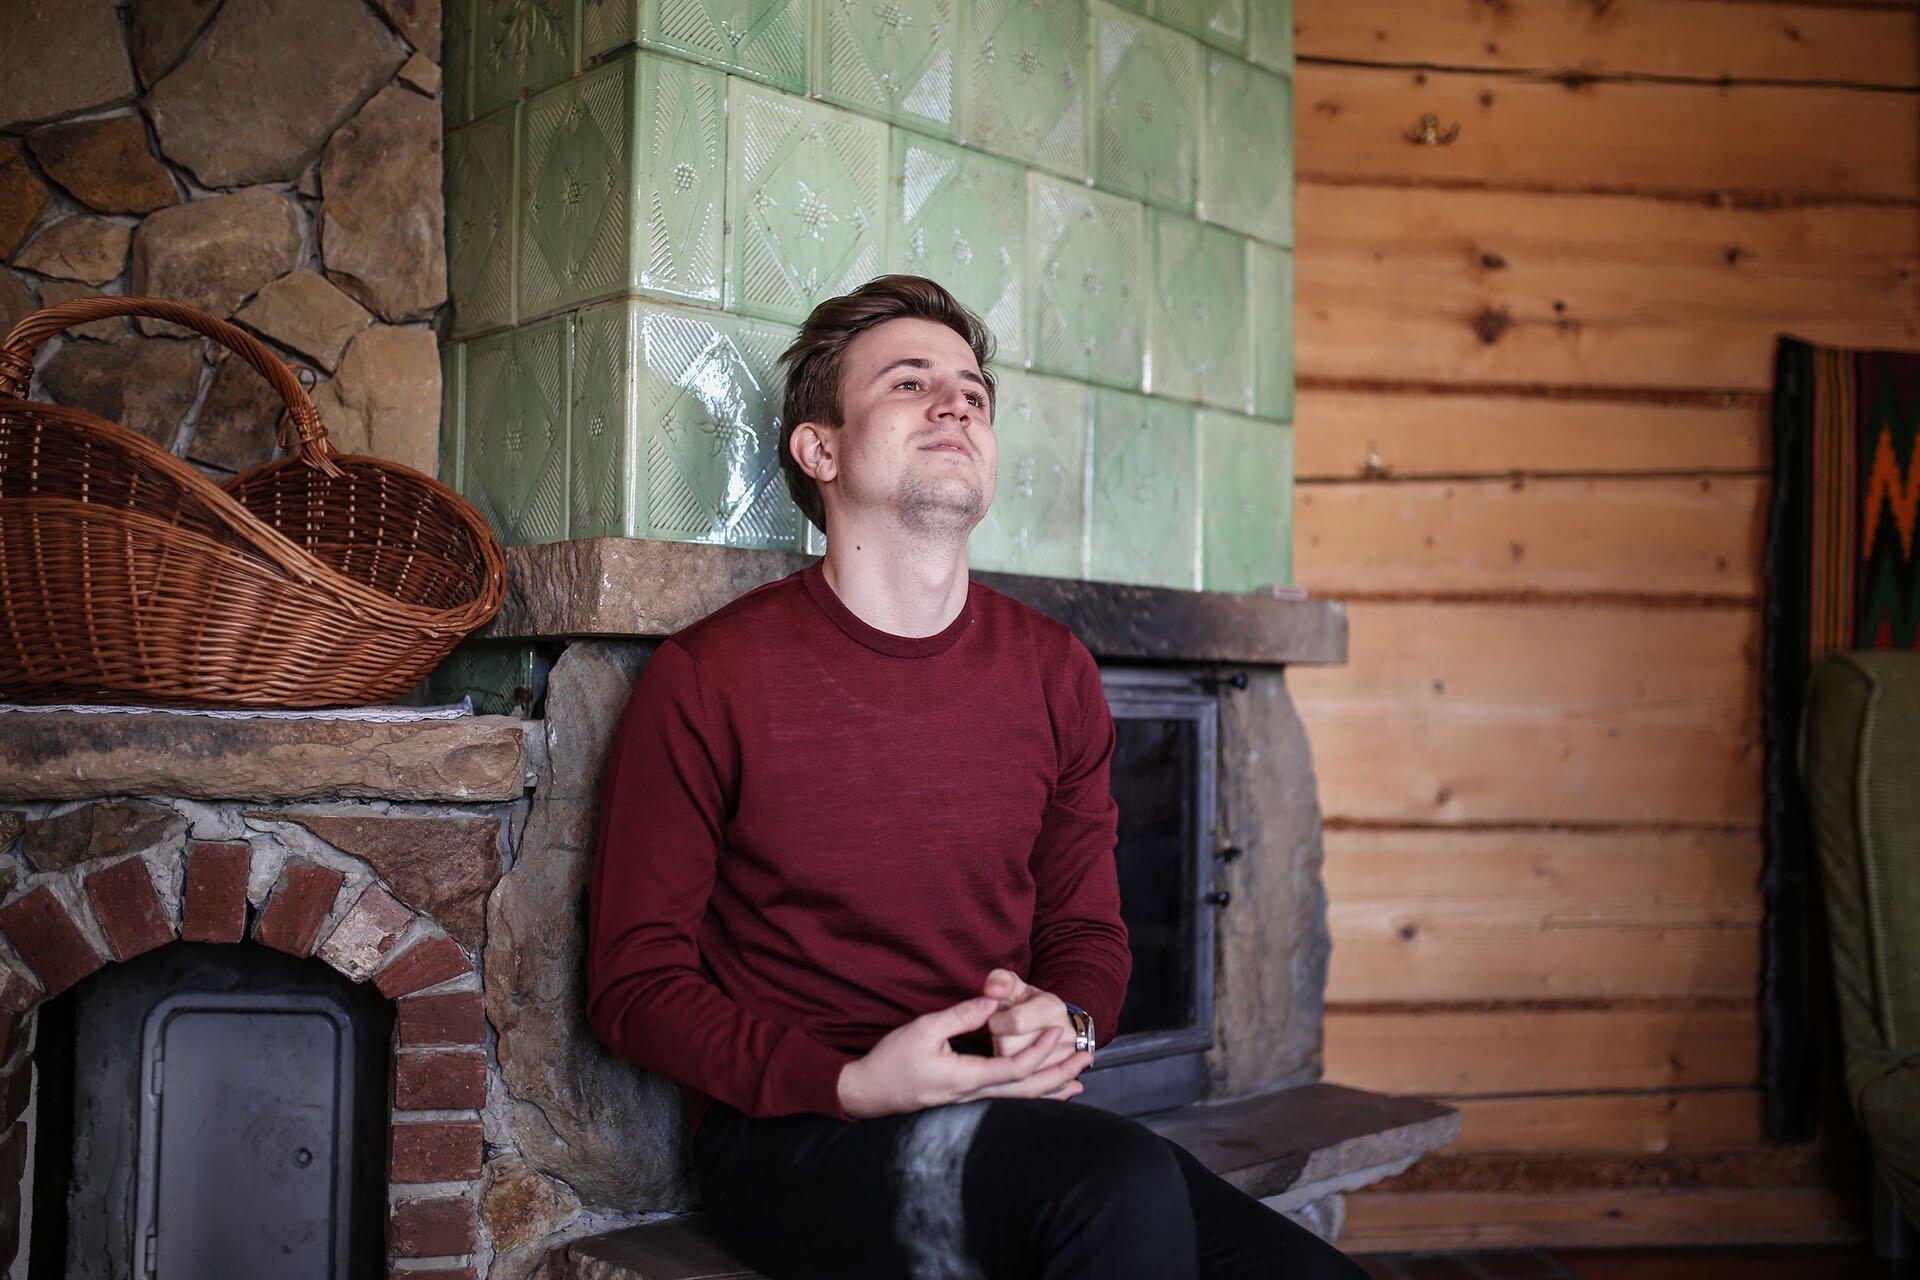 Bordowy sweter męski, Blog o modzie męskiej, Mężczyzna w bordo, GMALE by Grzegorz Paliś, Blog modowy, Męski LIfestyle